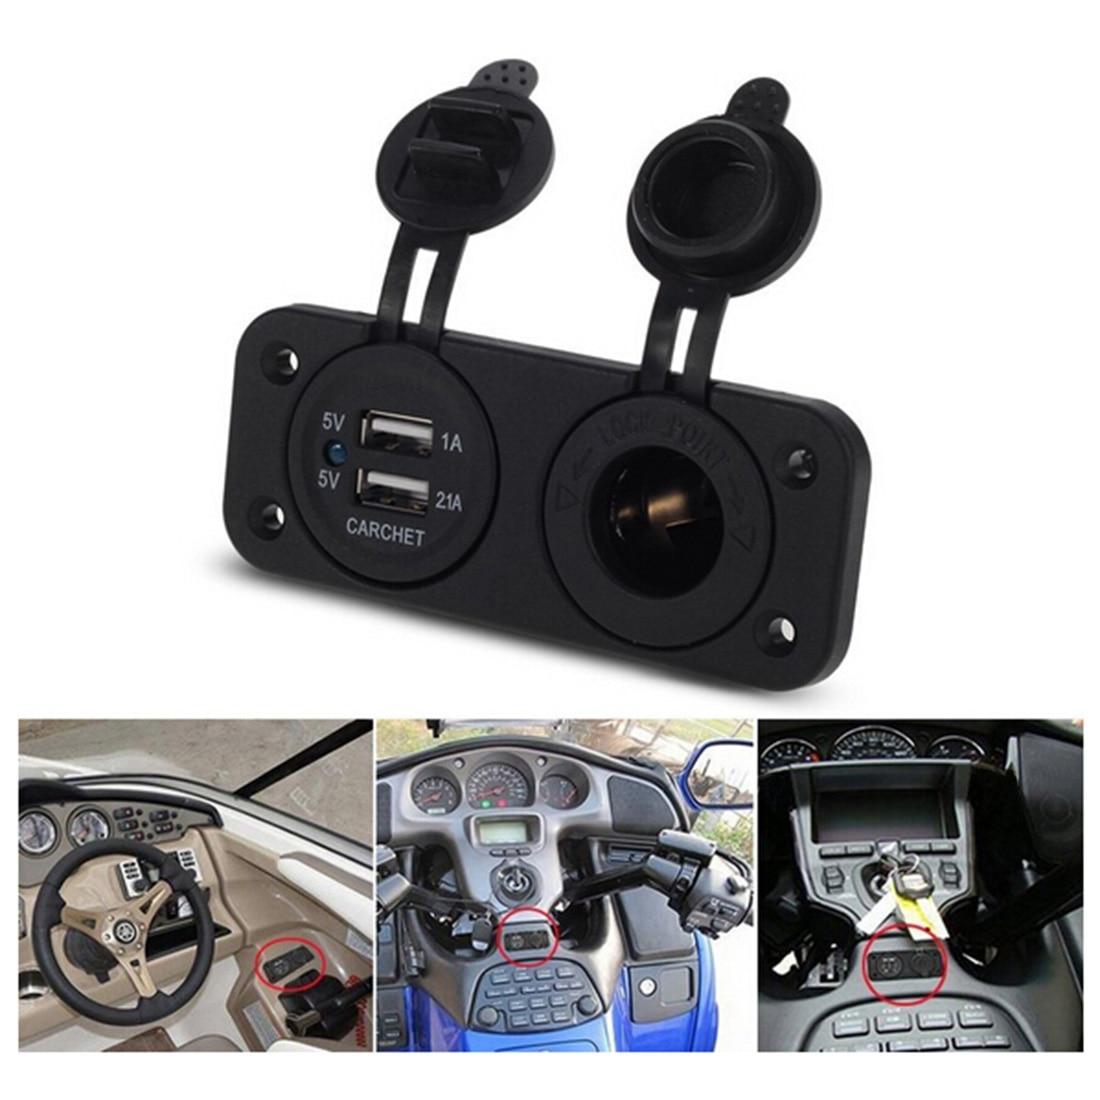 Dewtreetali Hot Selling Black Dual Car Cigarette Lighter Socket Splitter 12V Charger USB Power Adapt